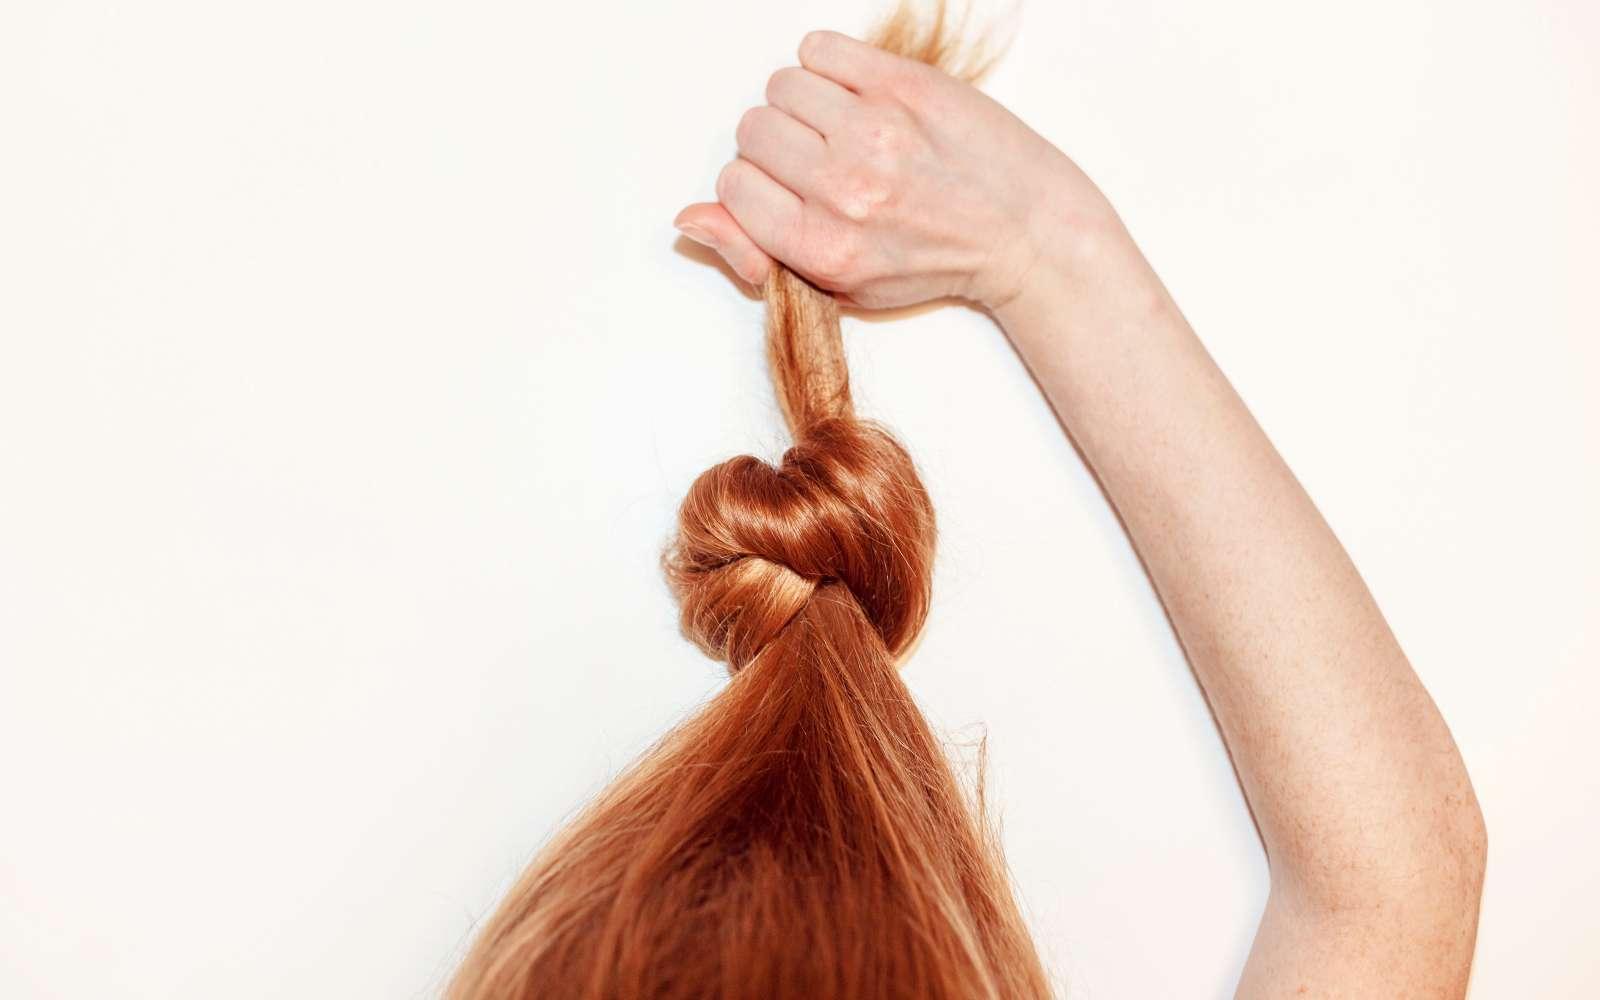 capelli rossi legati tirati verso l'alto dalla mano della ragazza